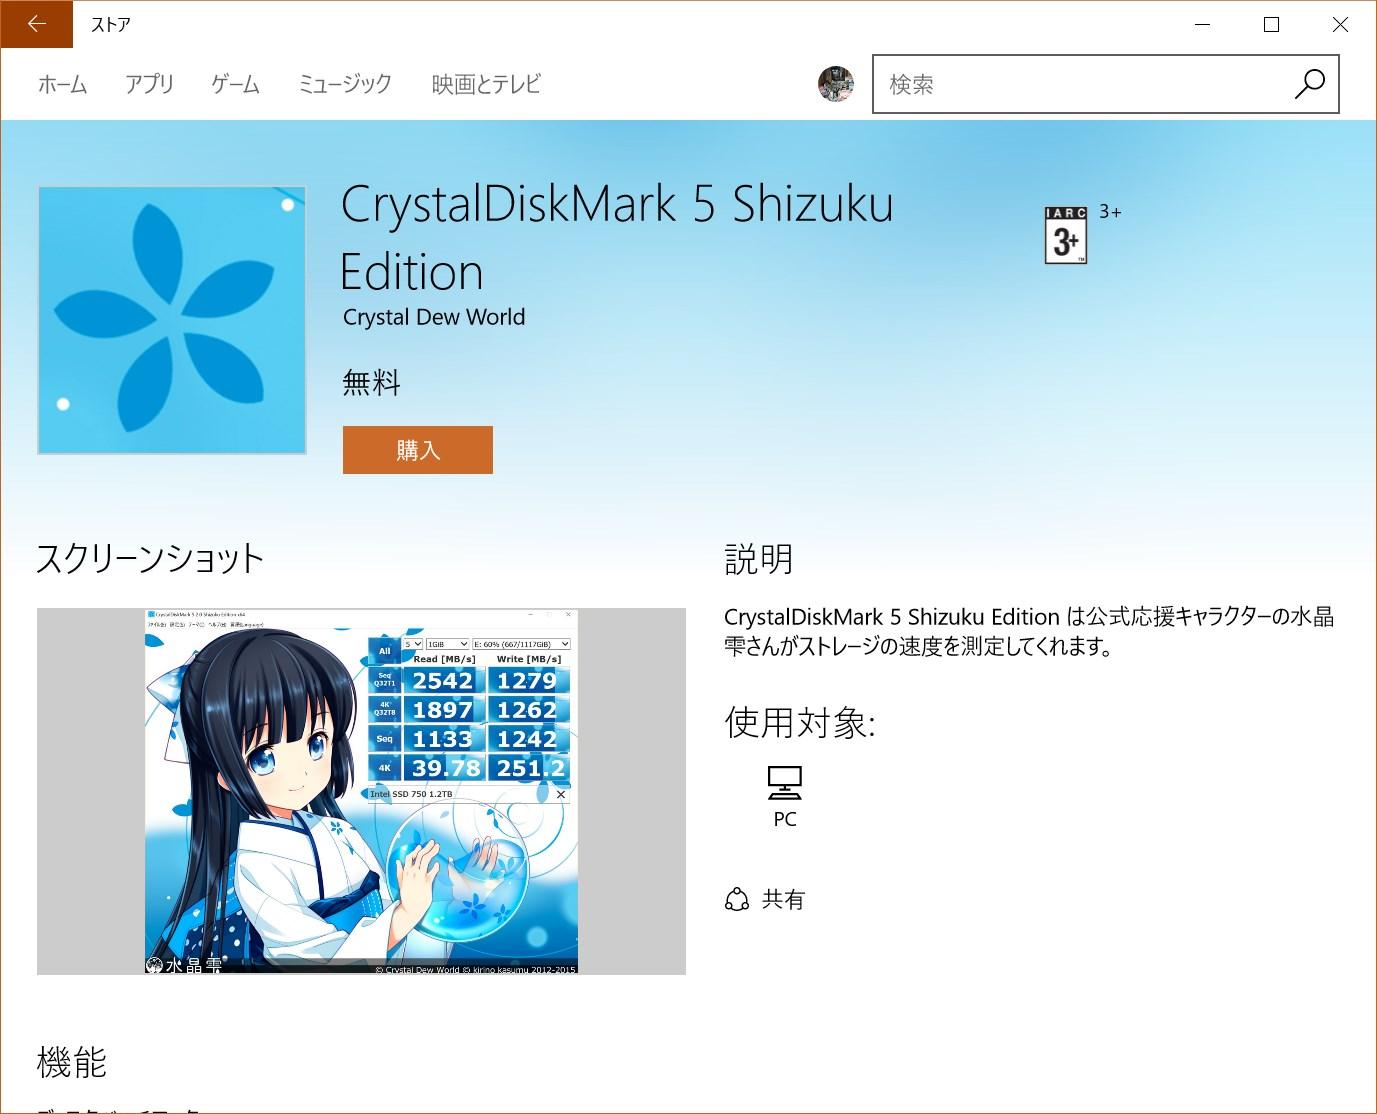 CrystalDiskMark 5.2.0